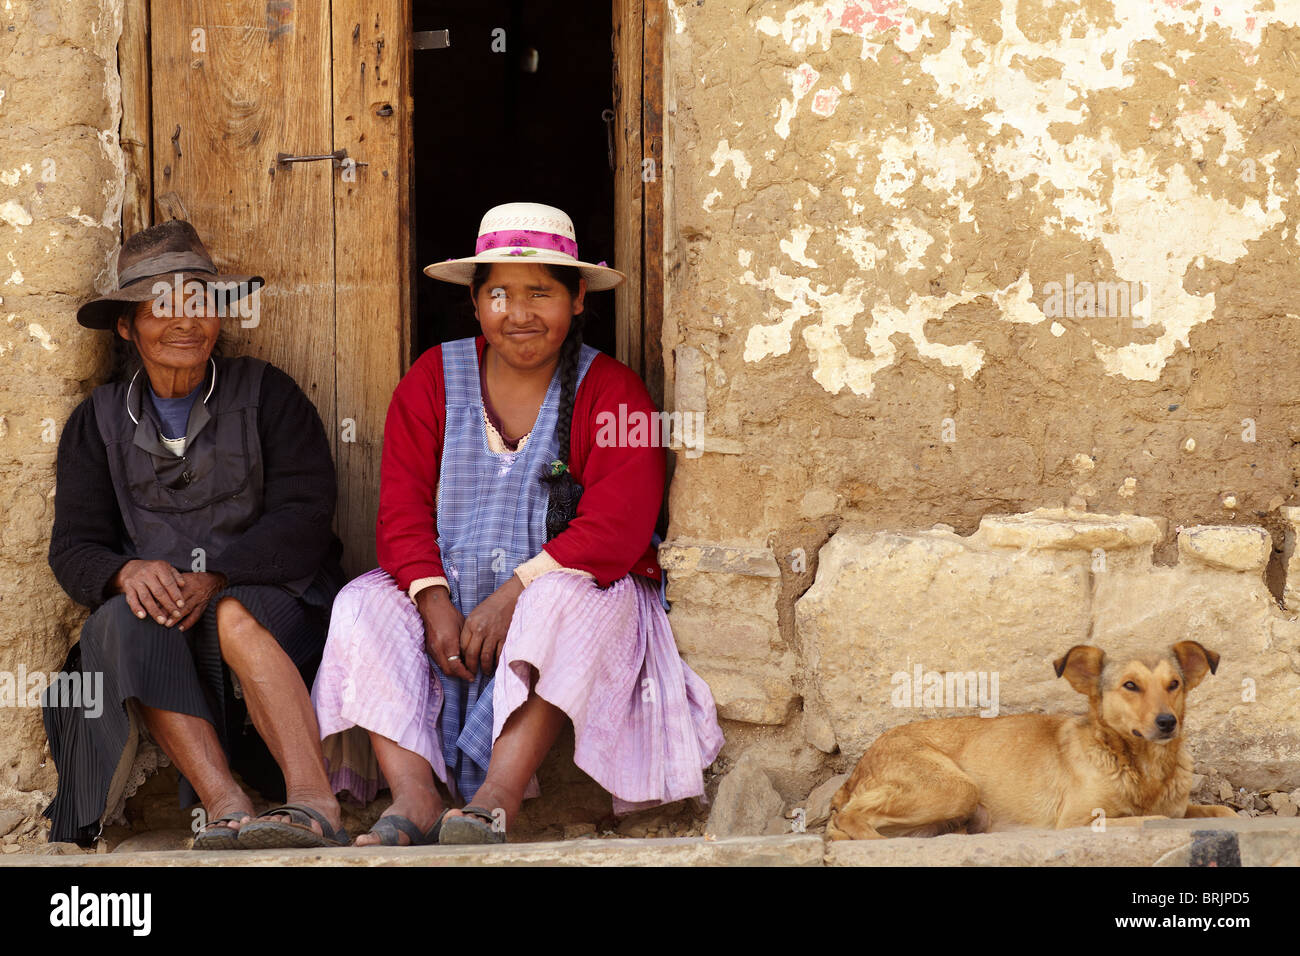 Einheimischen auf dem Markt von Tarabuco, Bolivien Stockbild